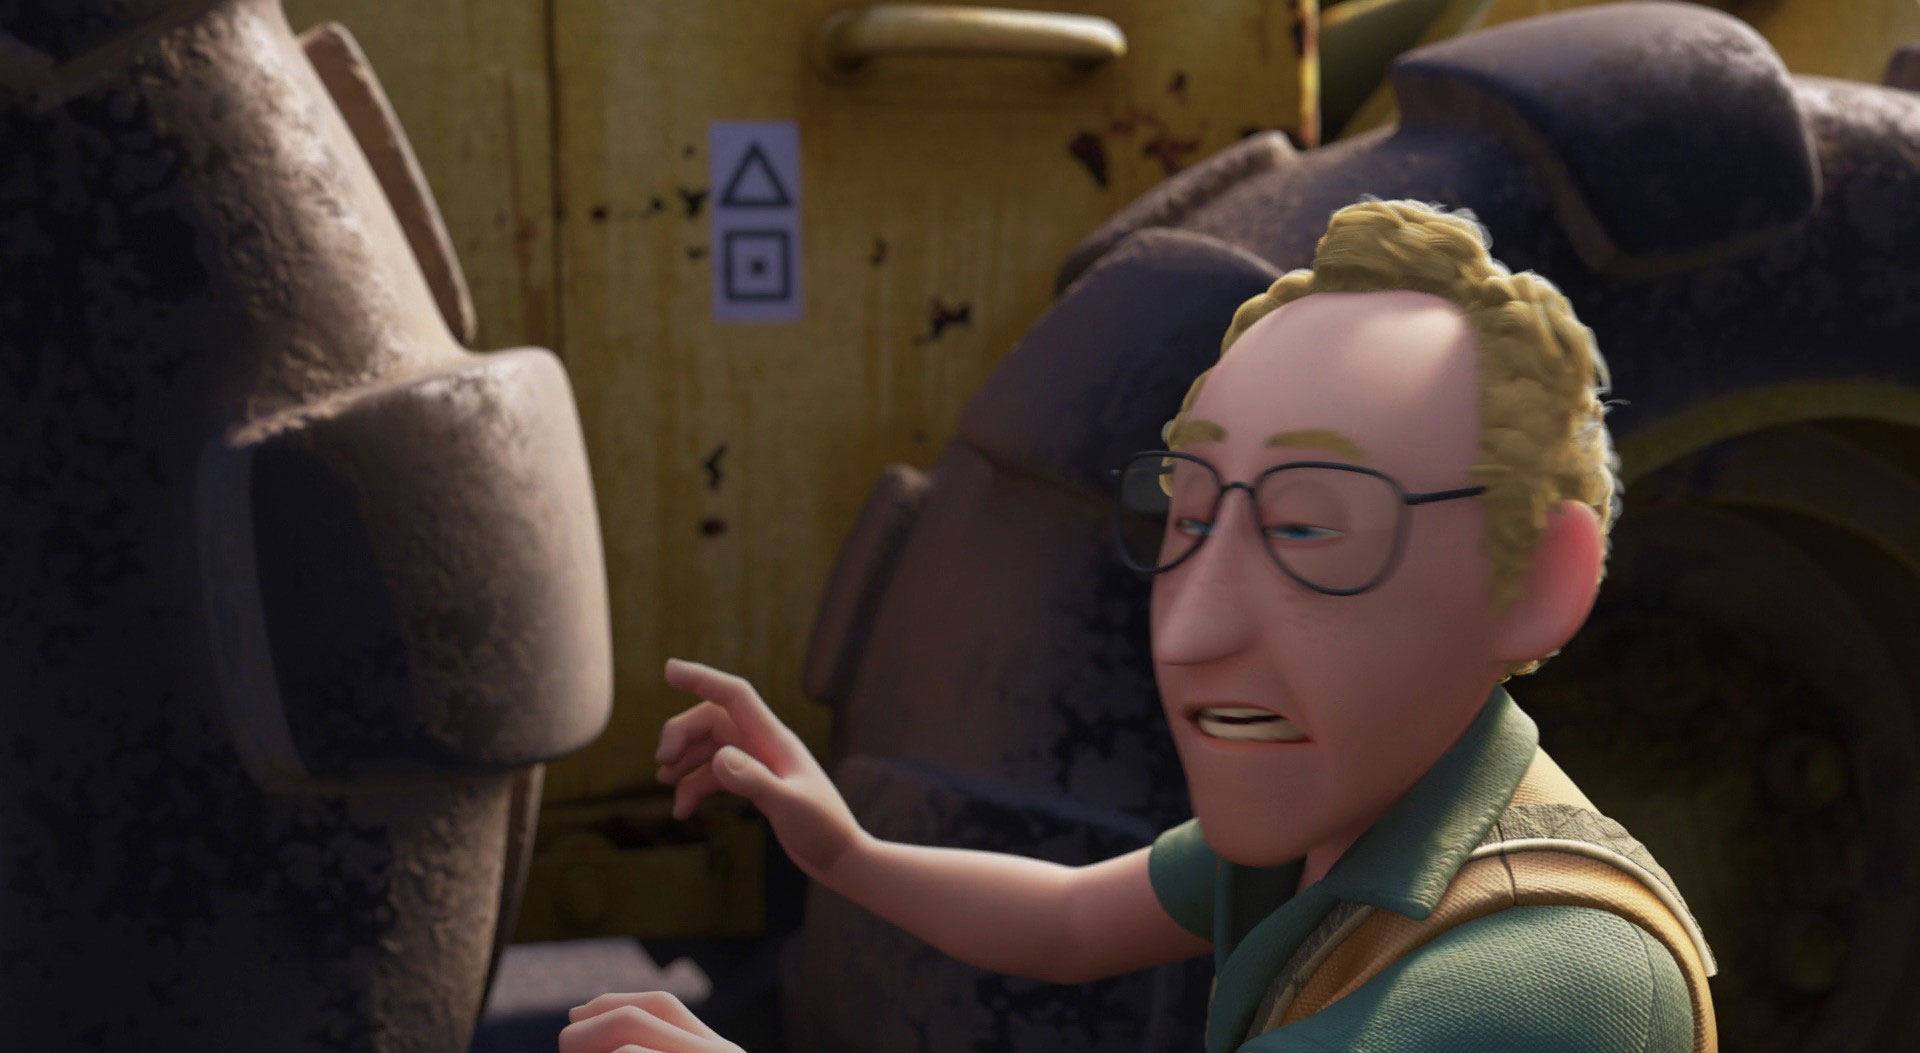 steve personnage character pixar disney là-haut up